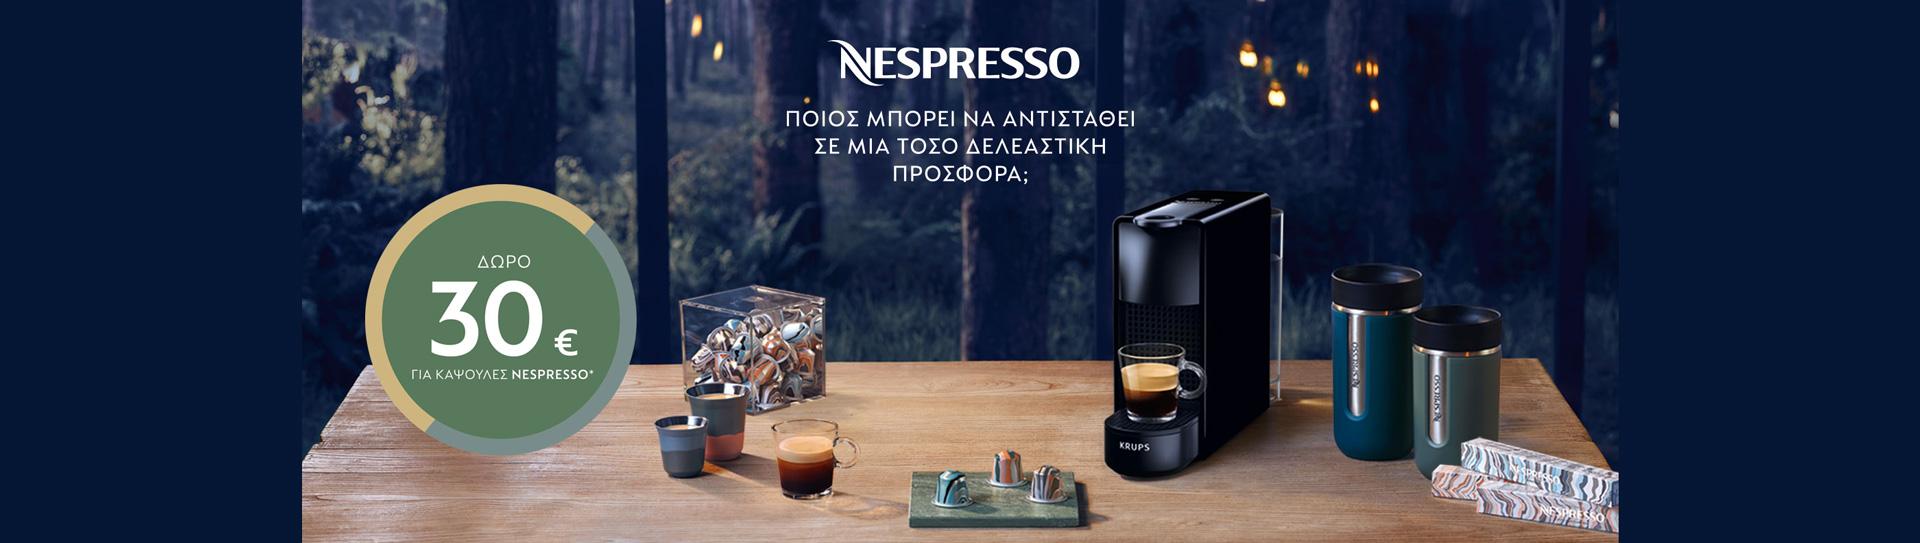 nespresso-slide-3